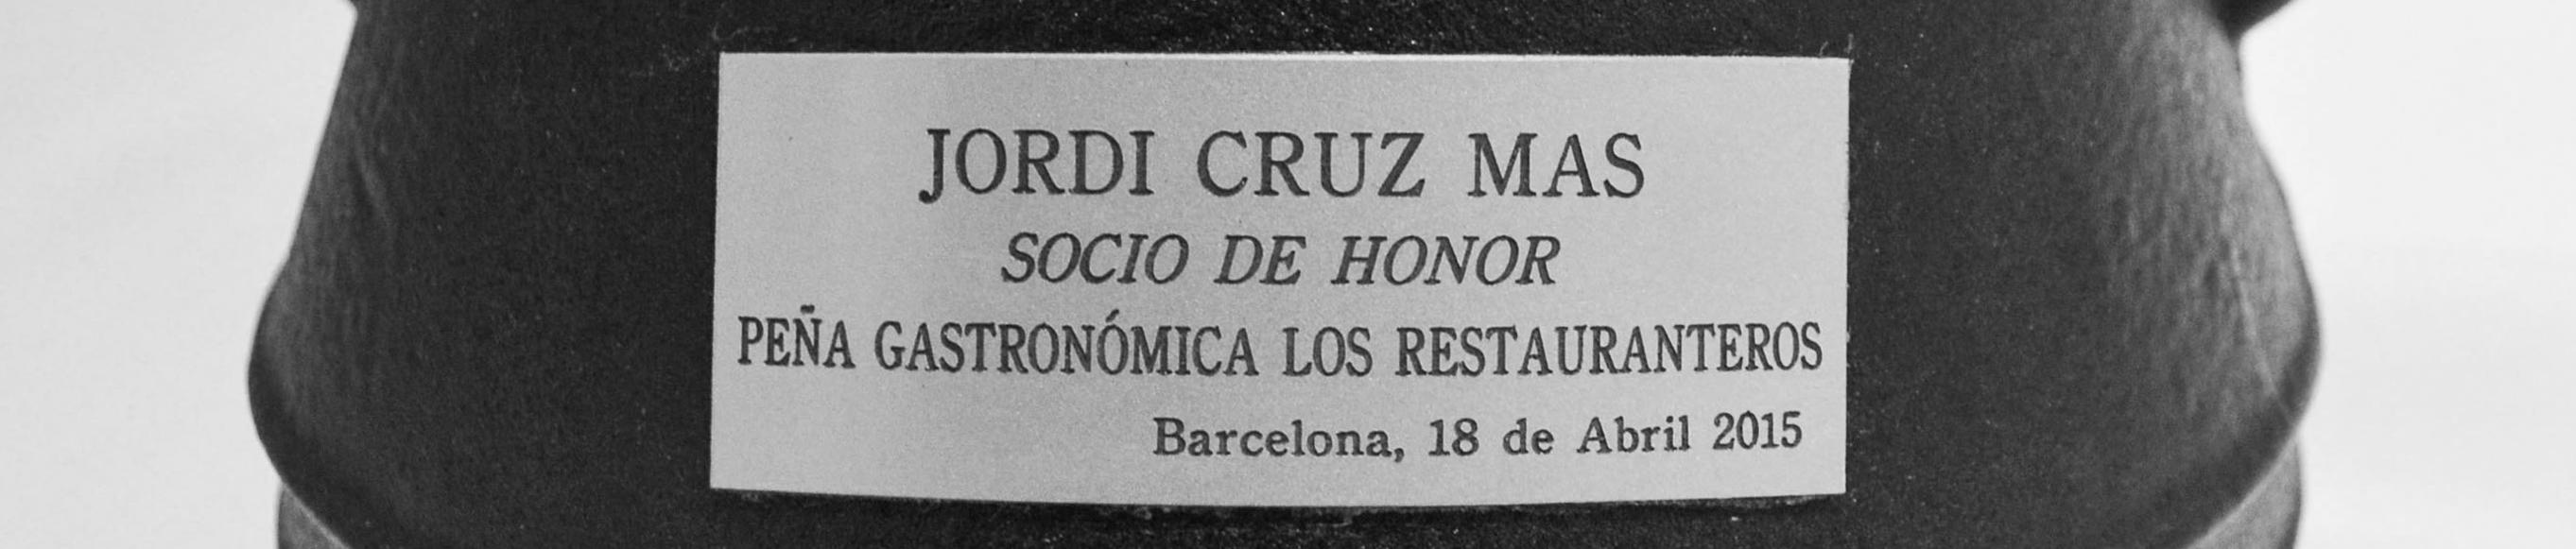 Aurelio_Gómez-Miranda_bloG-M_Jordi_Cruz_Angle_BCN_Qué_Cruz_con_Los_Restauranteros